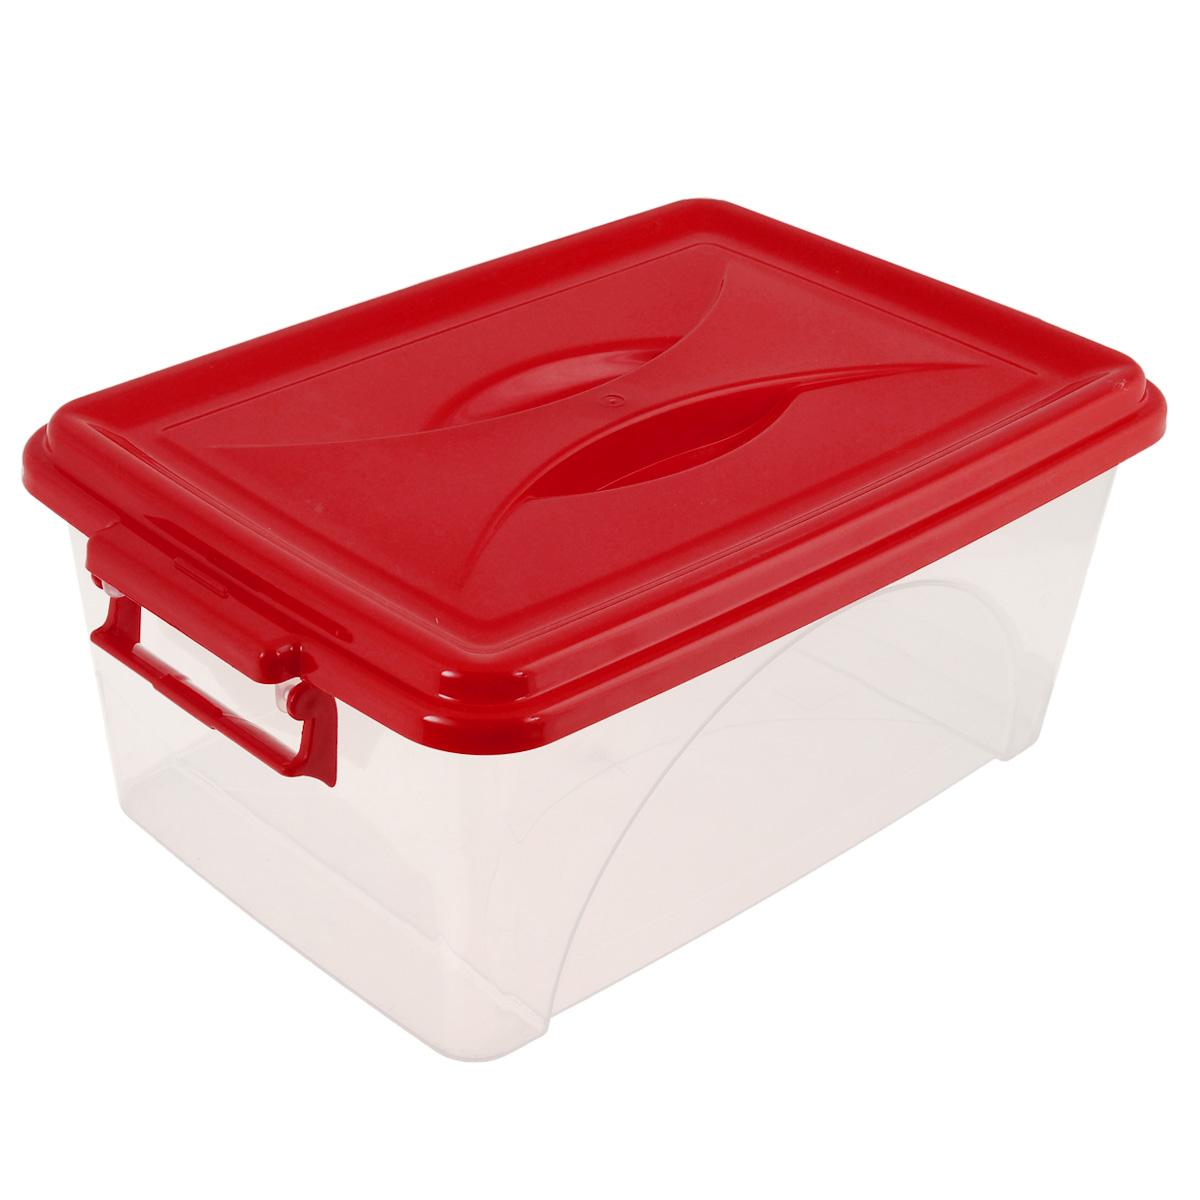 Контейнер Альтернатива, цвет: красный, 7,5 л1004900000360Контейнер Альтернатива выполнен из прочного пластика. Он предназначен для хранения различных мелких вещей. Крышка легко открывается и плотно закрывается. Прозрачные стенки позволяют видеть содержимое. По бокам предусмотрены две удобные ручки, с помощью которых контейнер закрывается.Контейнер поможет хранить все в одном месте, а также защитить вещи от пыли, грязи и влаги.